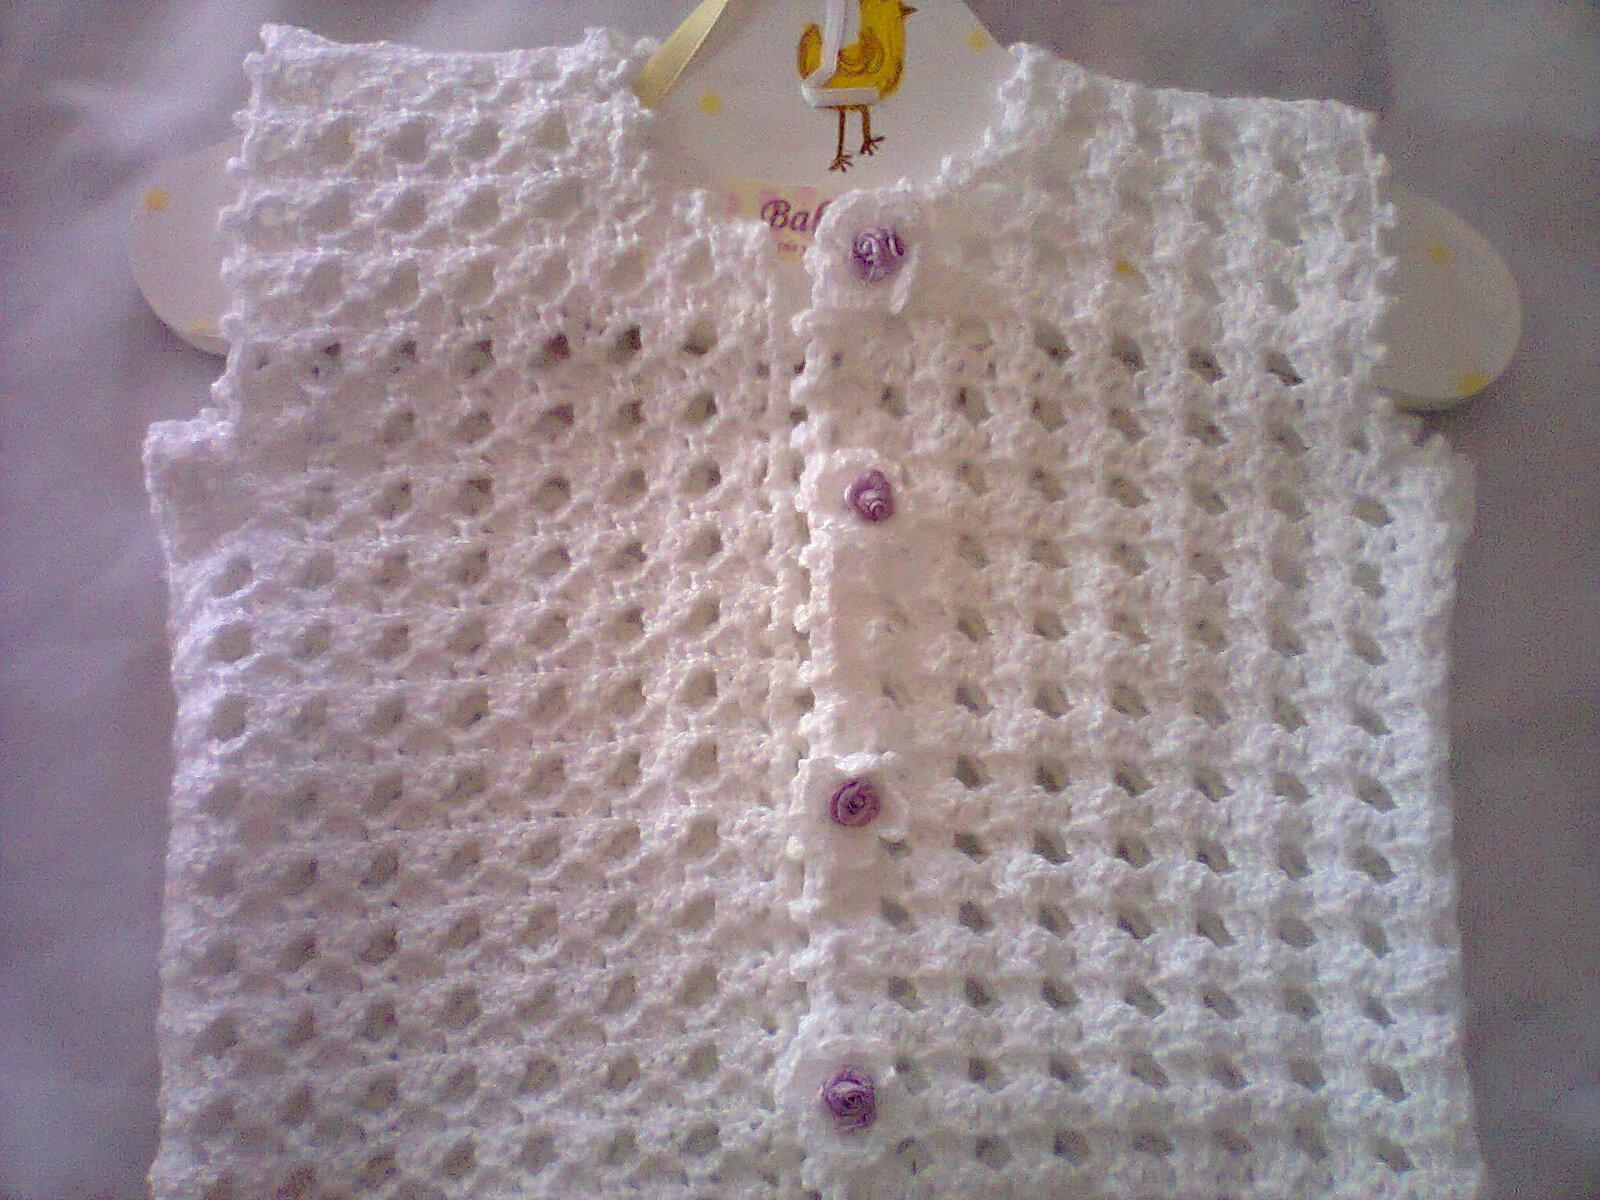 Colchas crochet y tejidas blanqueria sabanas tollas - Colchas tejidas a crochet ...